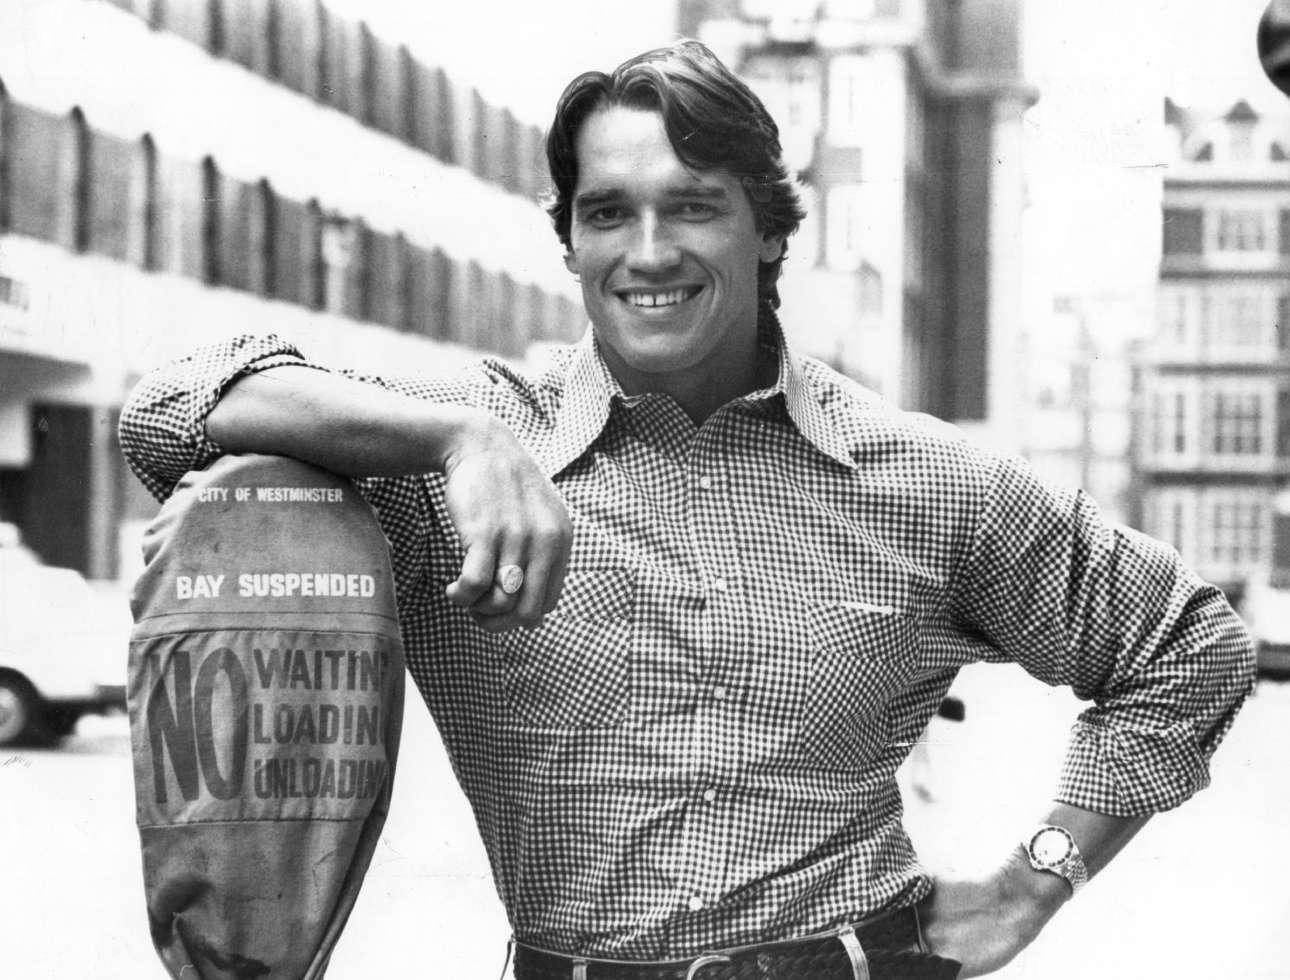 Σεπτέμβριος 1977, Λονδίνο. Ως πέντε φορές Μr Olympia ο Σβαρτσενέγκερ ποζάρει χτίζοντας τη δημόσια εικόνα του και ελπίζοντας σε μια καριέρα ηθοποιού